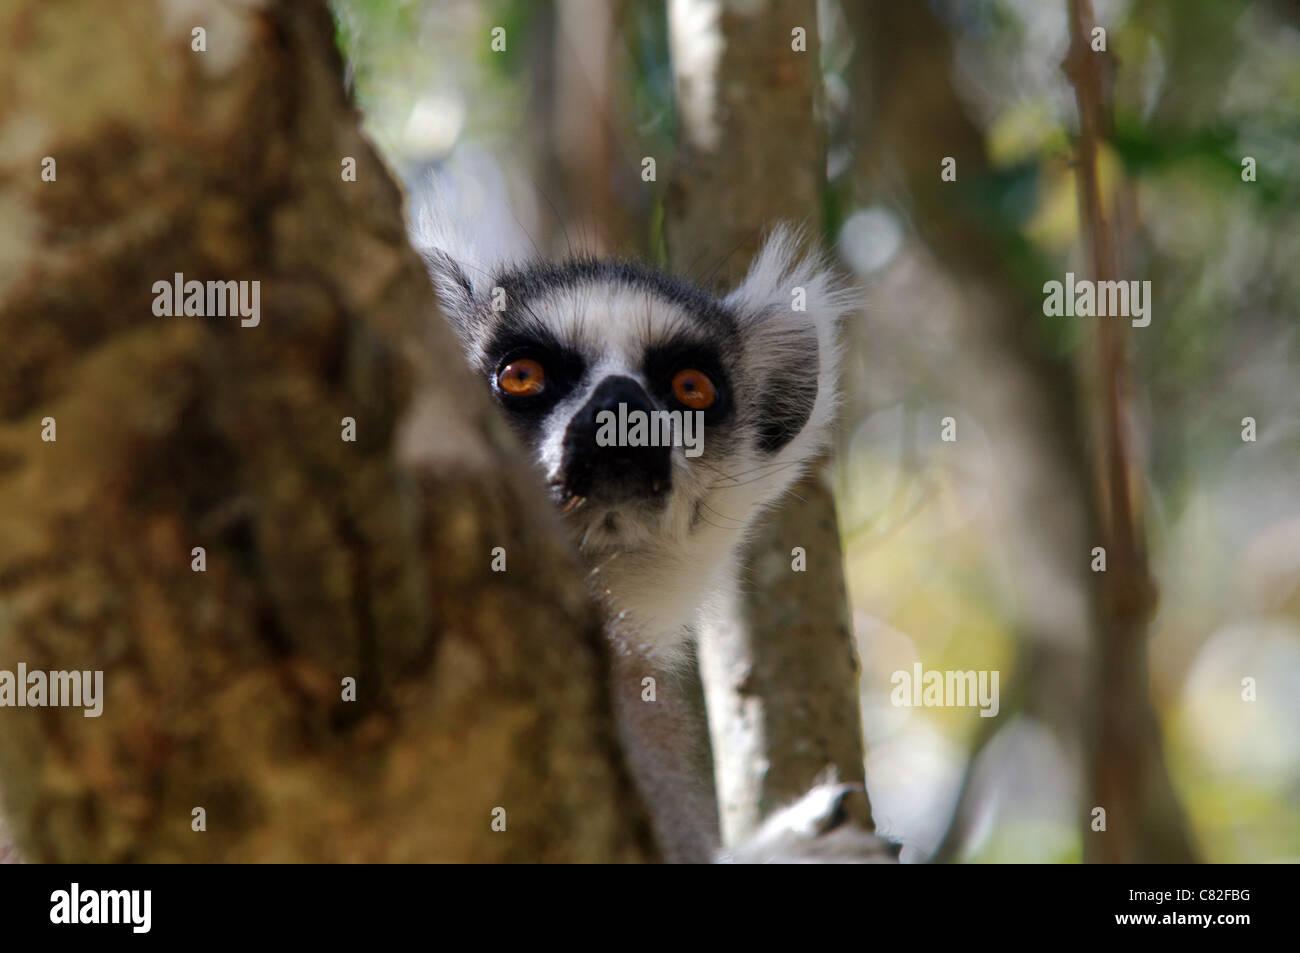 Katta ruht in der Baumkrone, Isalo, Madagaskar Stockbild